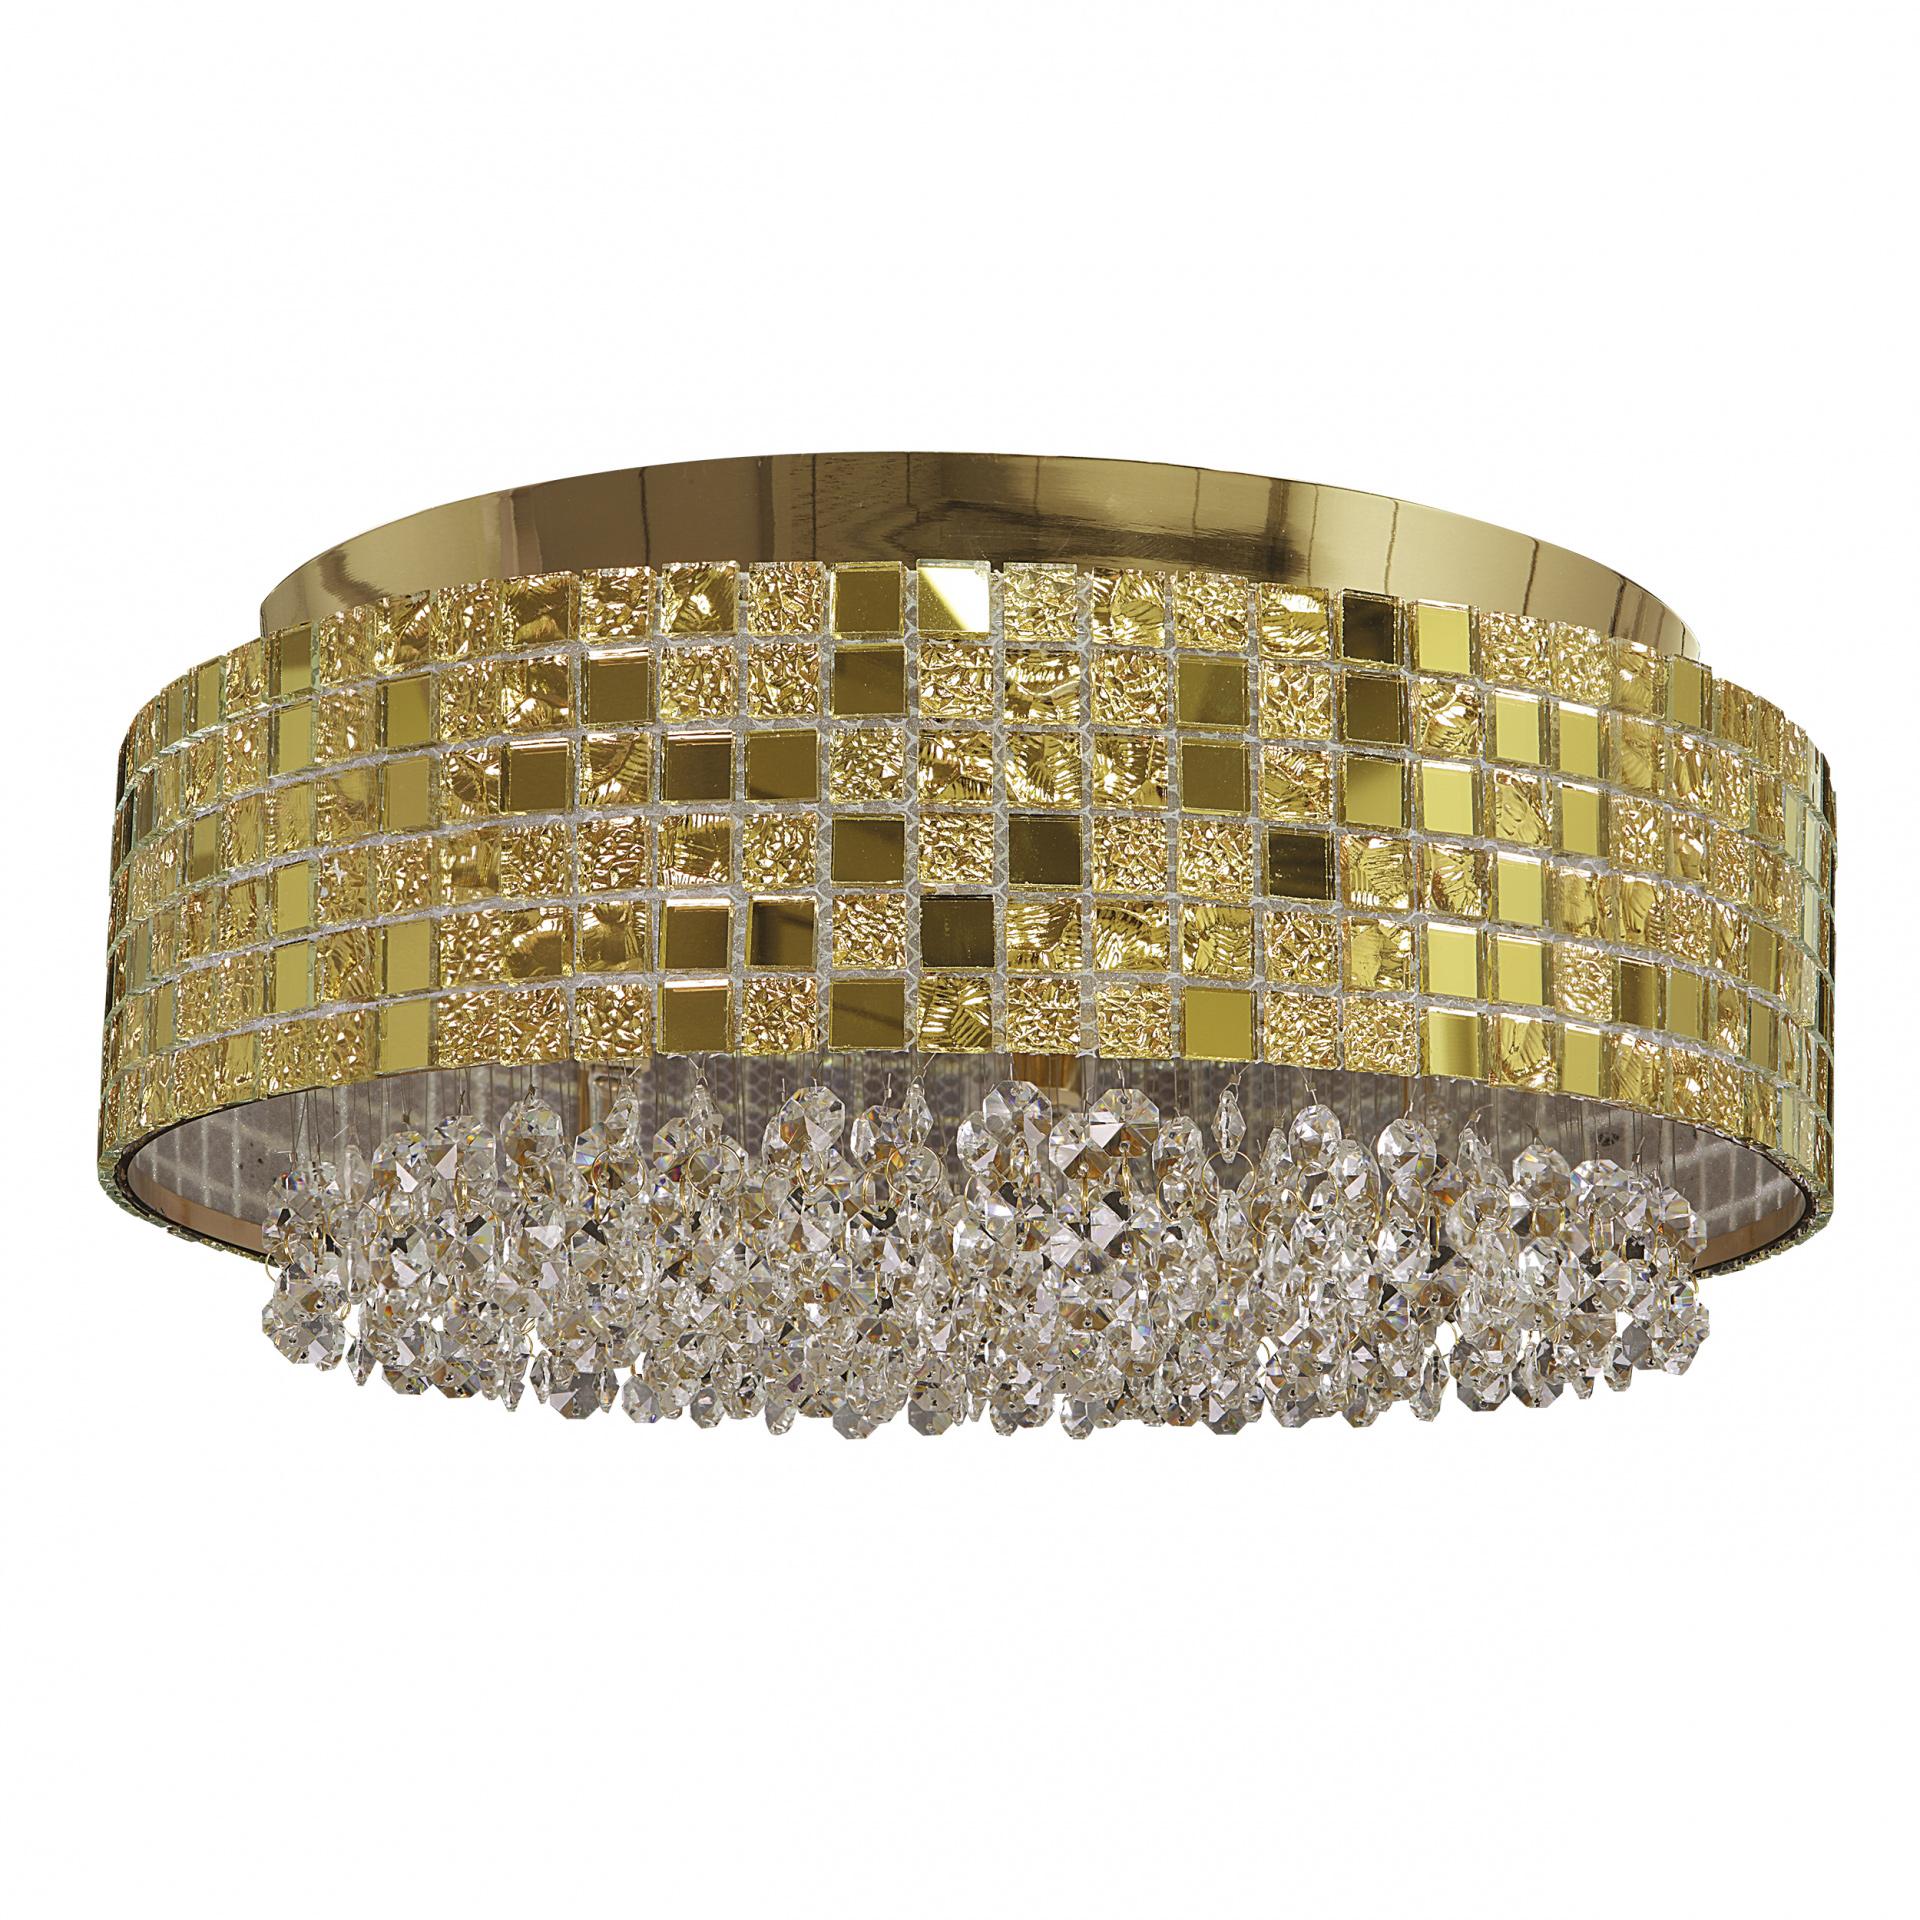 Люстра потолочная Bezazz 6х40W G9 золото Lightstar 743062, купить в СПб, Москве, с доставкой, Санкт-Петербург, интернет-магазин люстр и светильников Starlight, фото в жизни